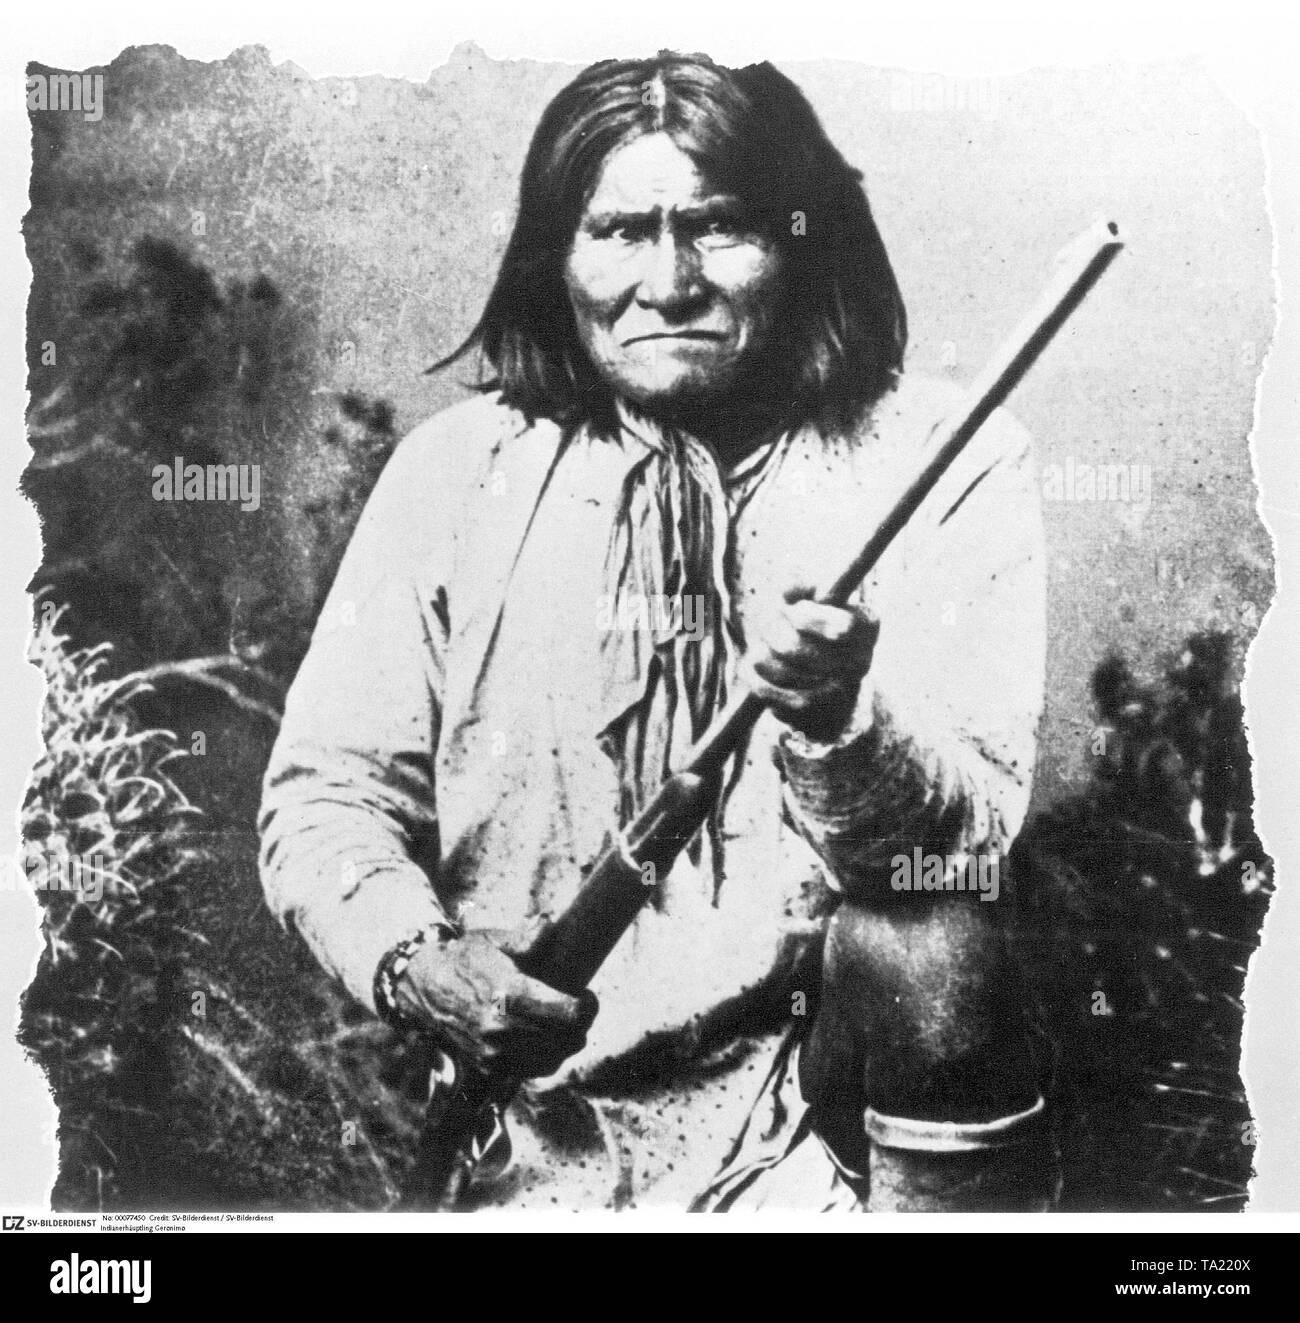 Apache indische DatierungBestes Profilbild für Online-Dating